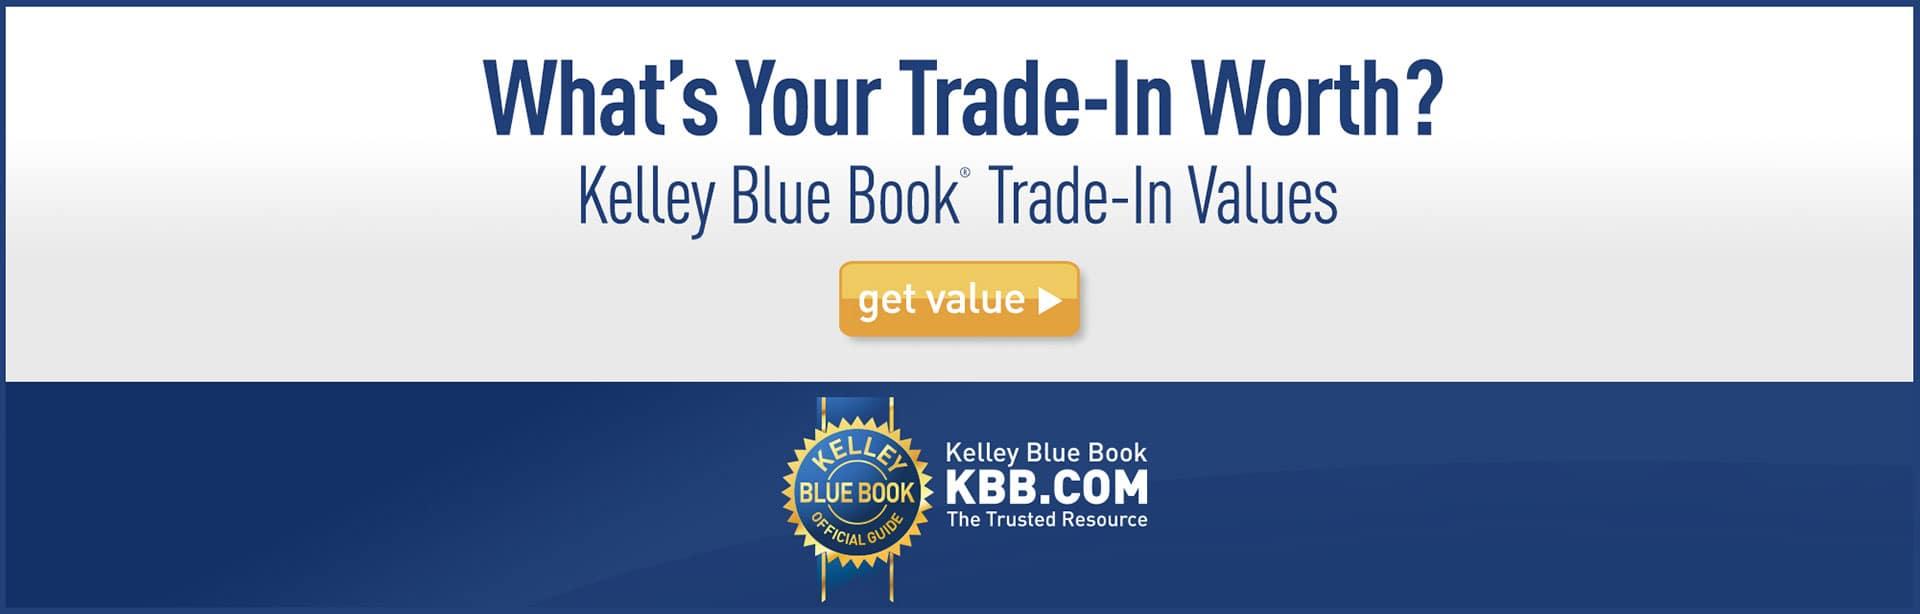 KBB_Resized_LeadDriverBanner_1920x614